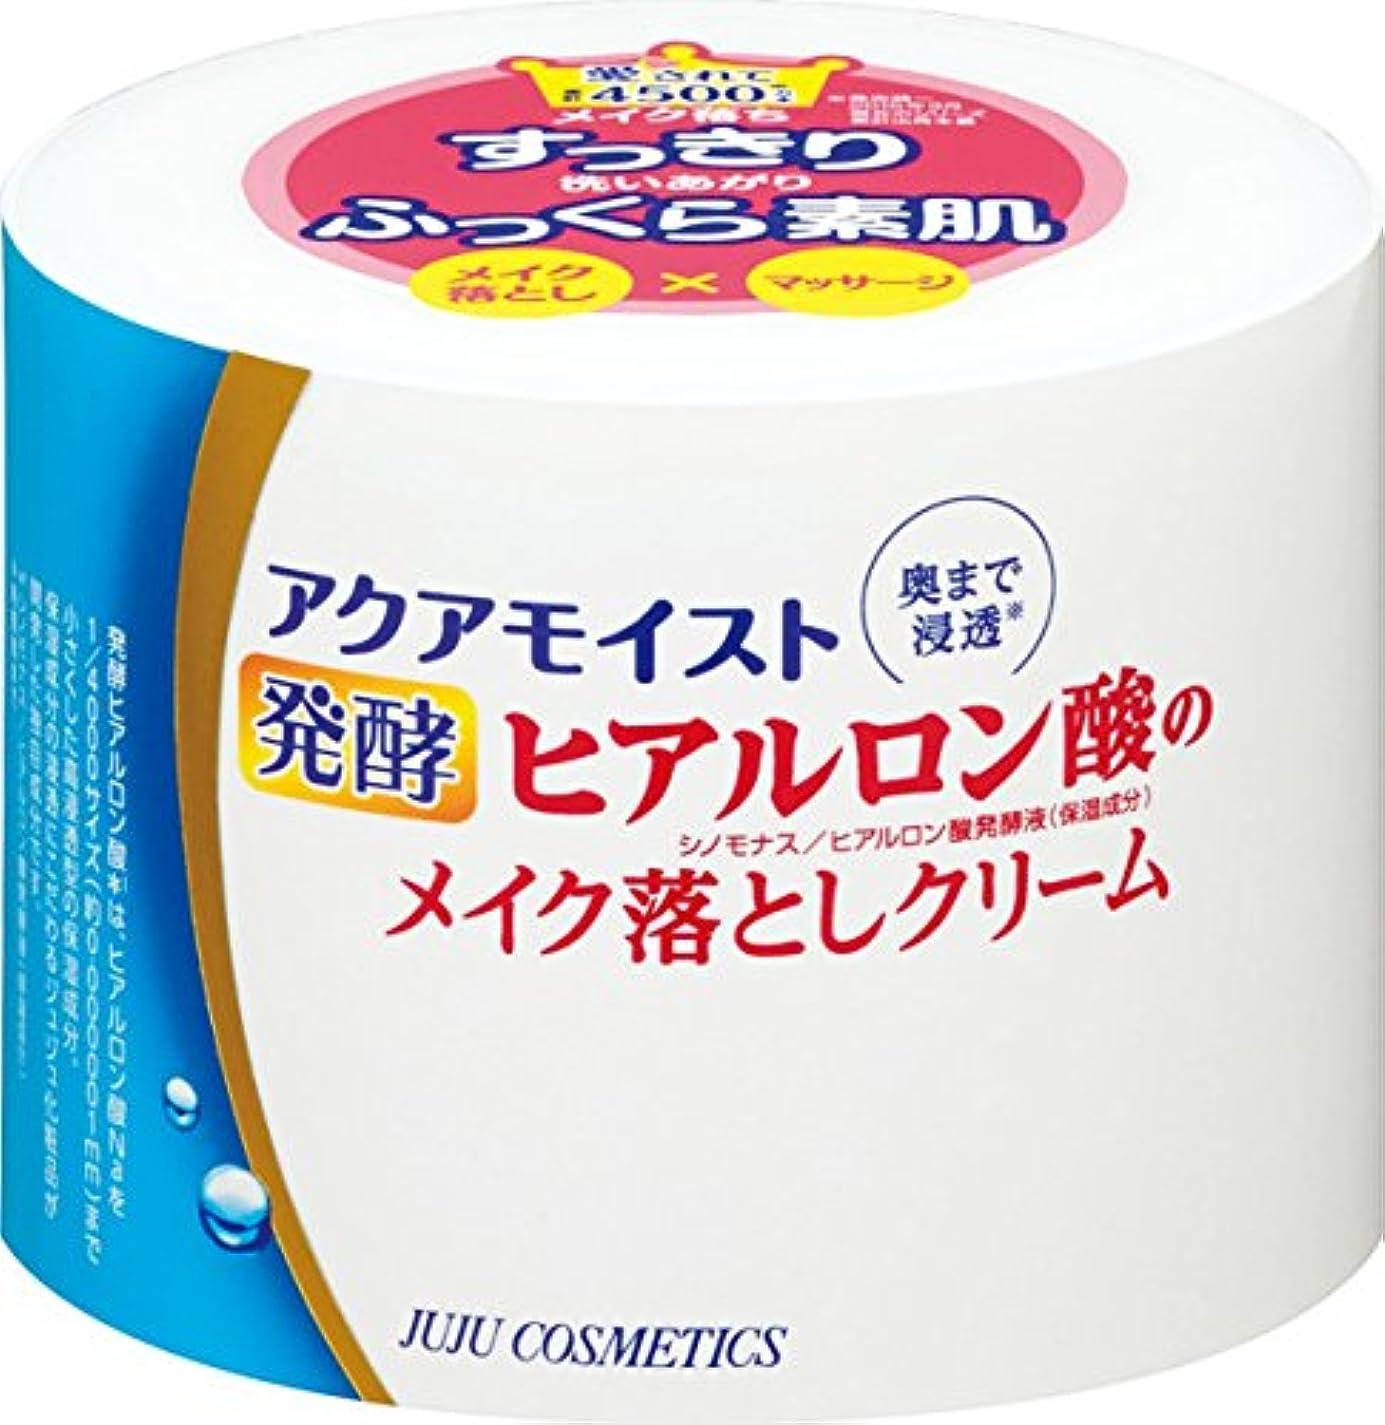 スカートぬれたインセンティブアクアモイスト 発酵ヒアルロン酸のメイク落としクリーム 160g